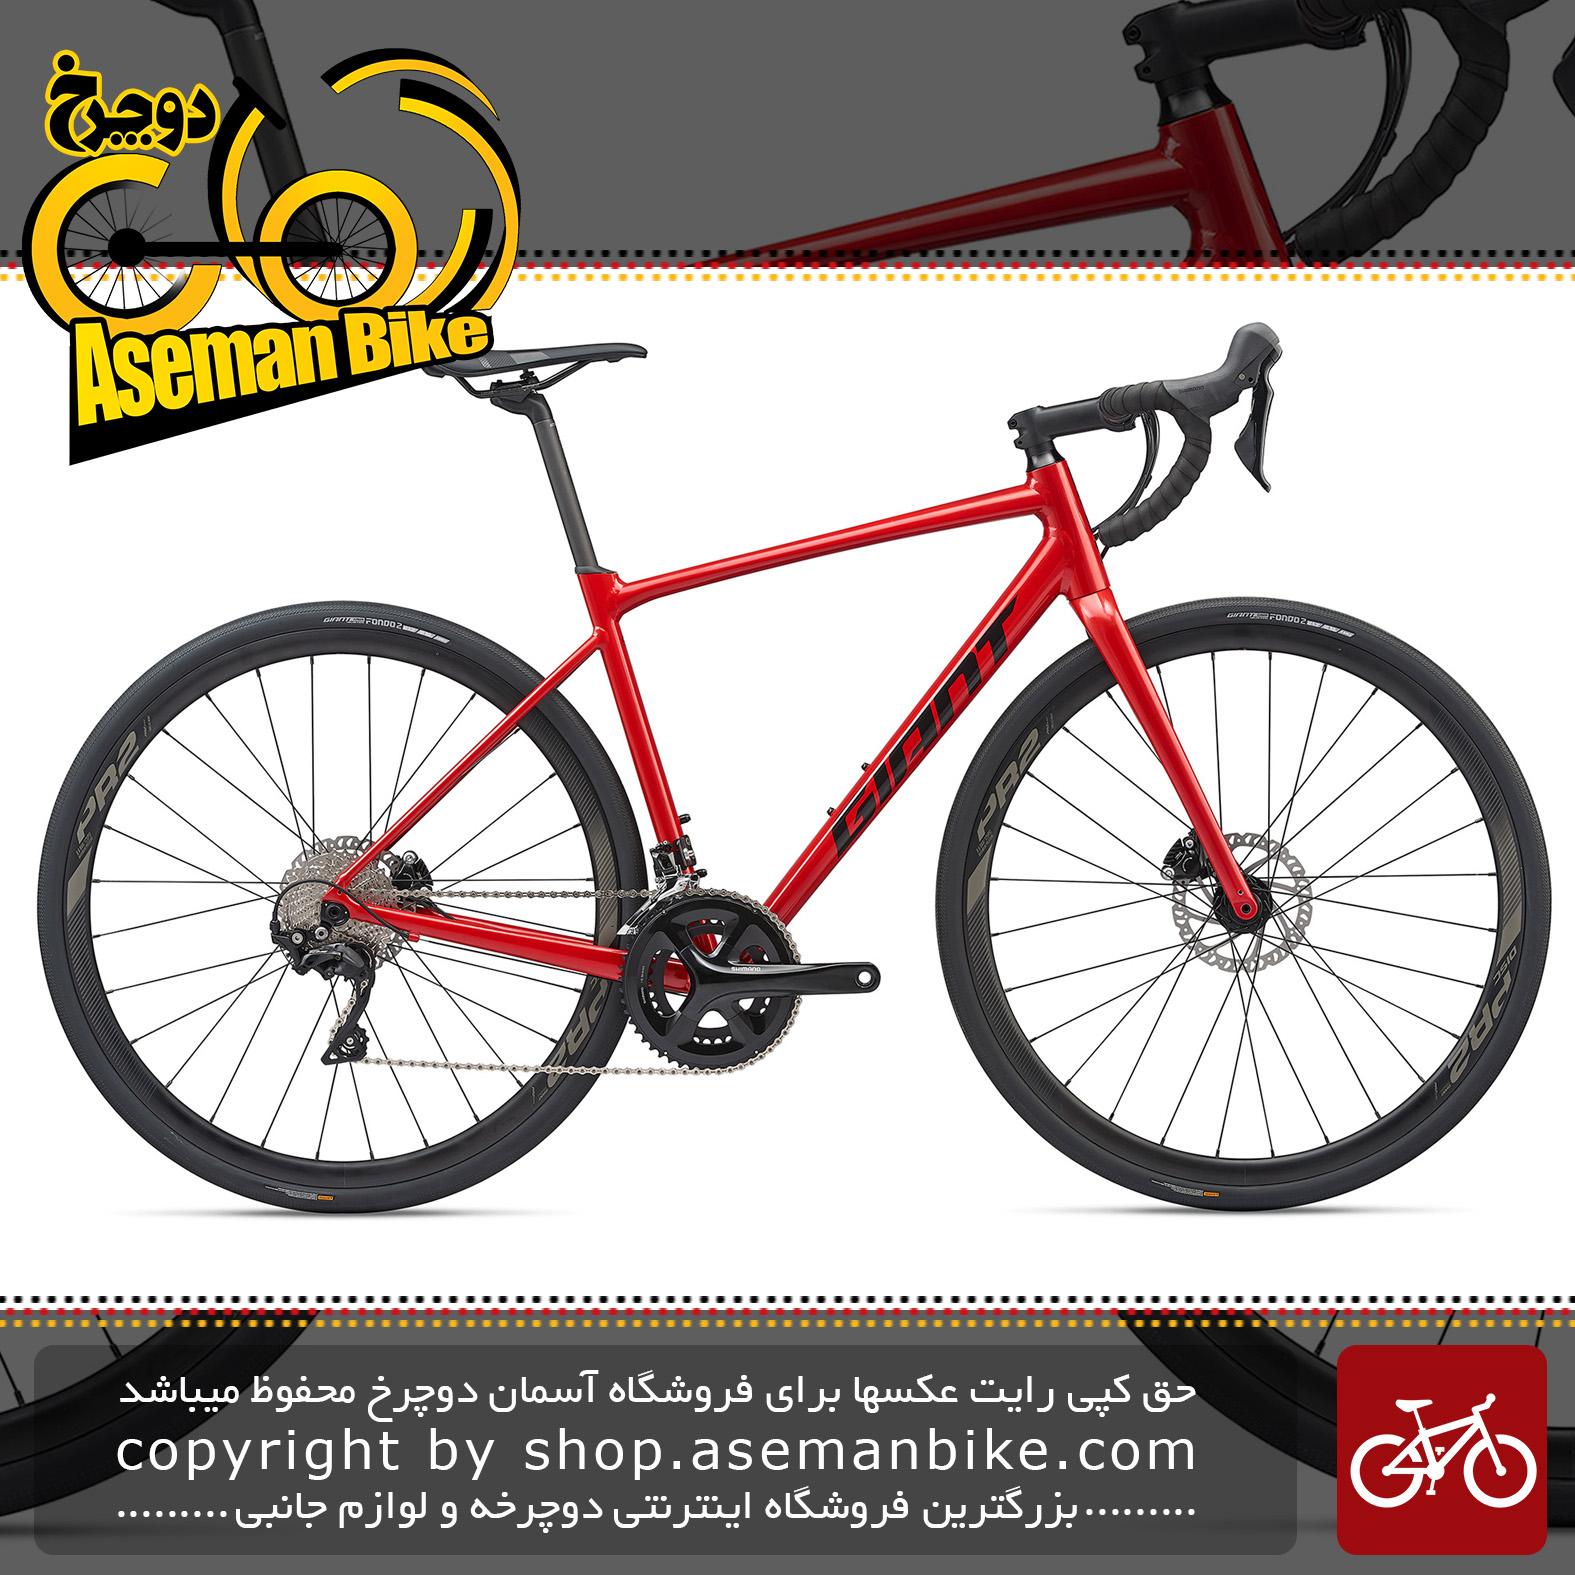 دوچرخه کورسی جاده جاینت مدل دیفای کانتند ای آر 1 2020 Giant Road Bicycle Contend AR 1 2020